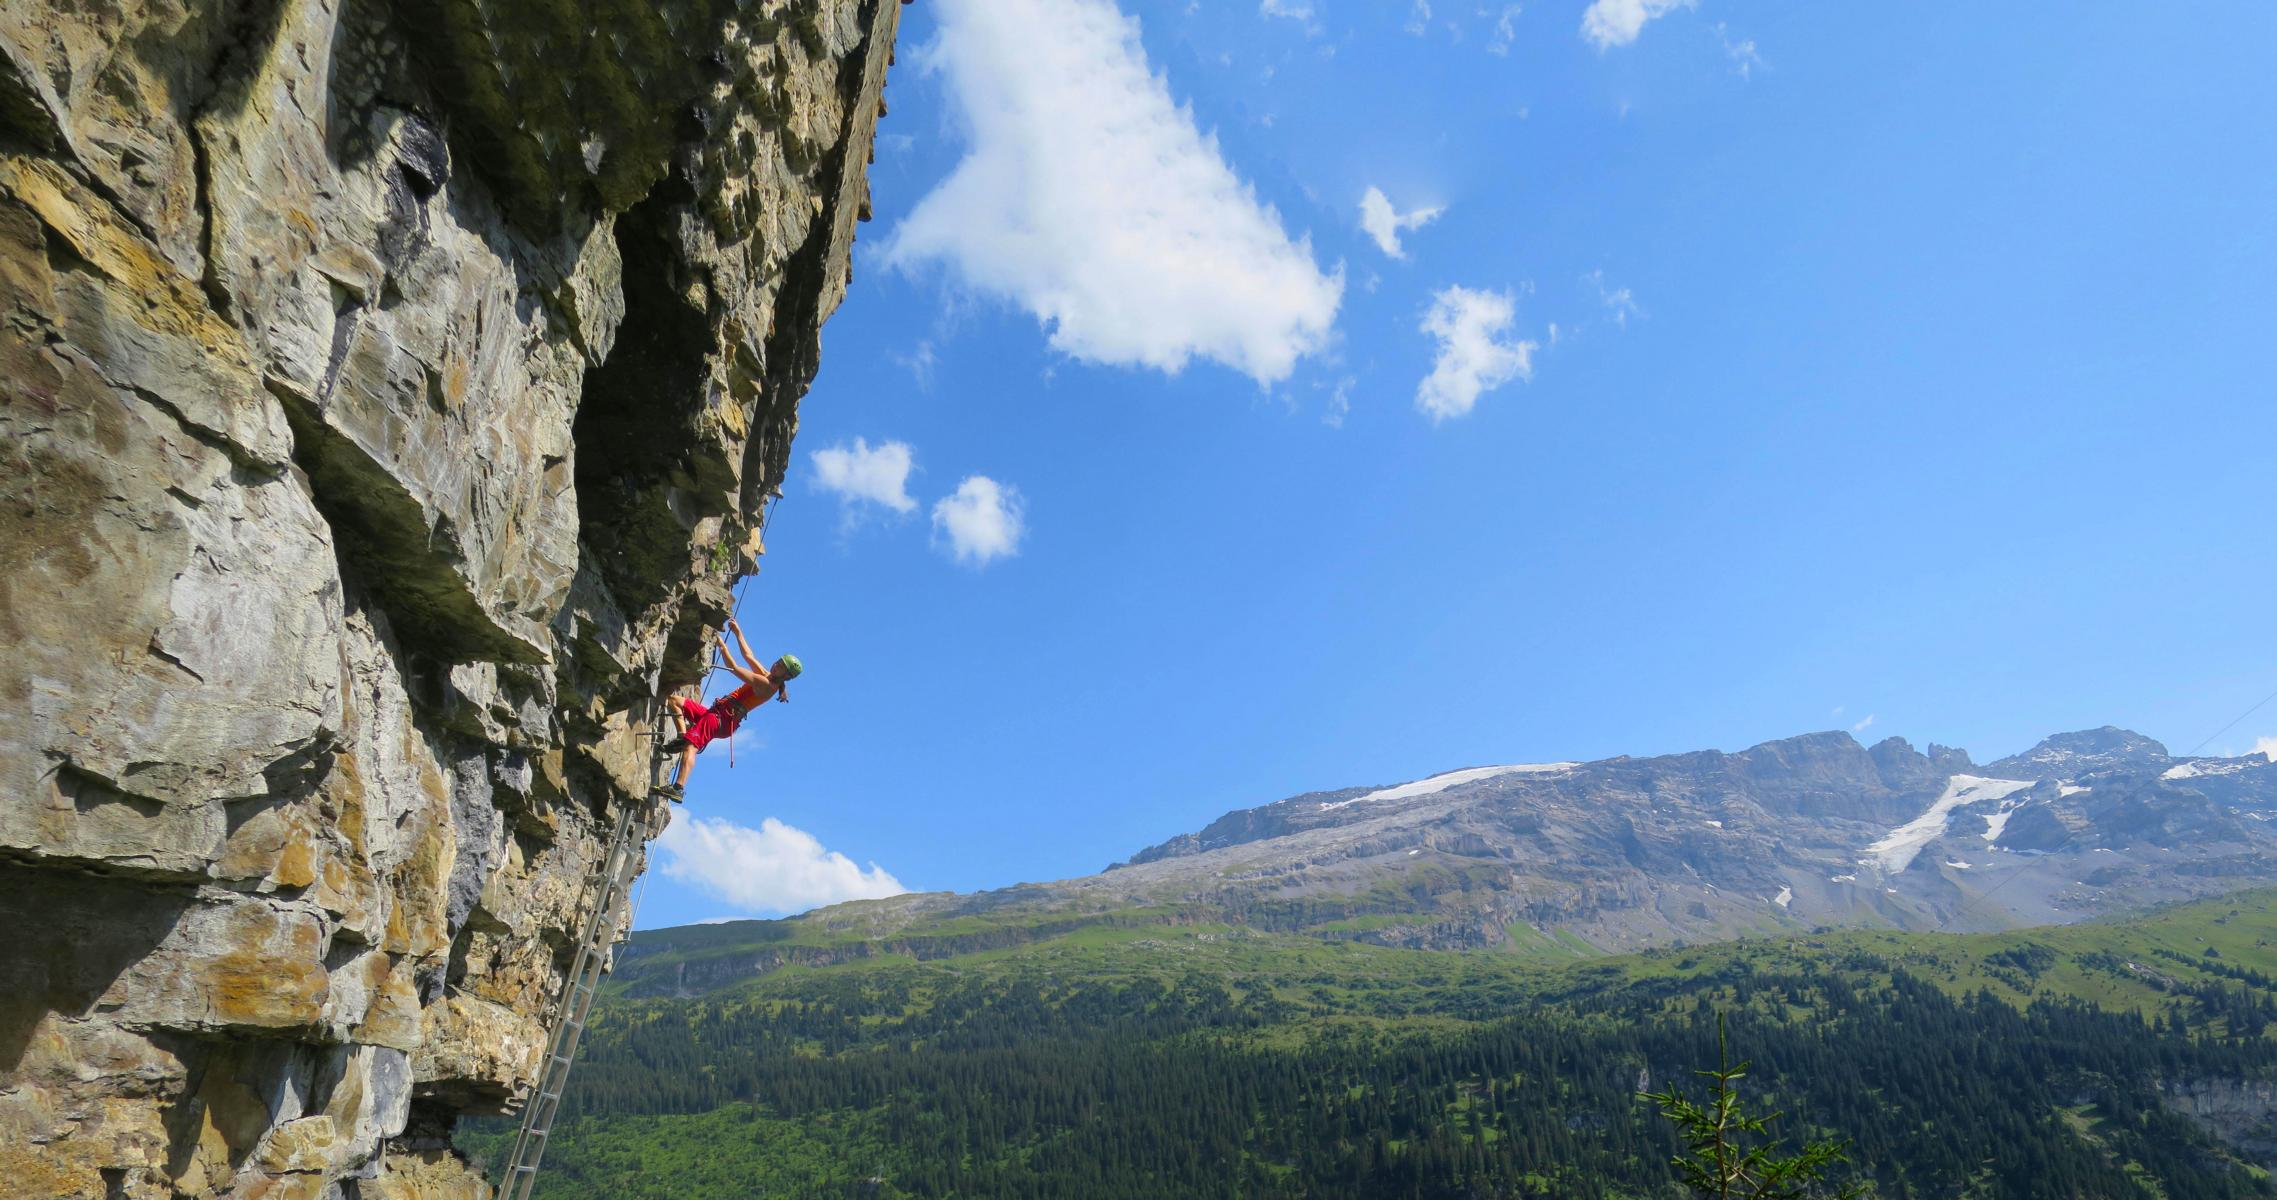 Klettersteig Uri : Via ferrata d hexensteig klettersteig uri youtube